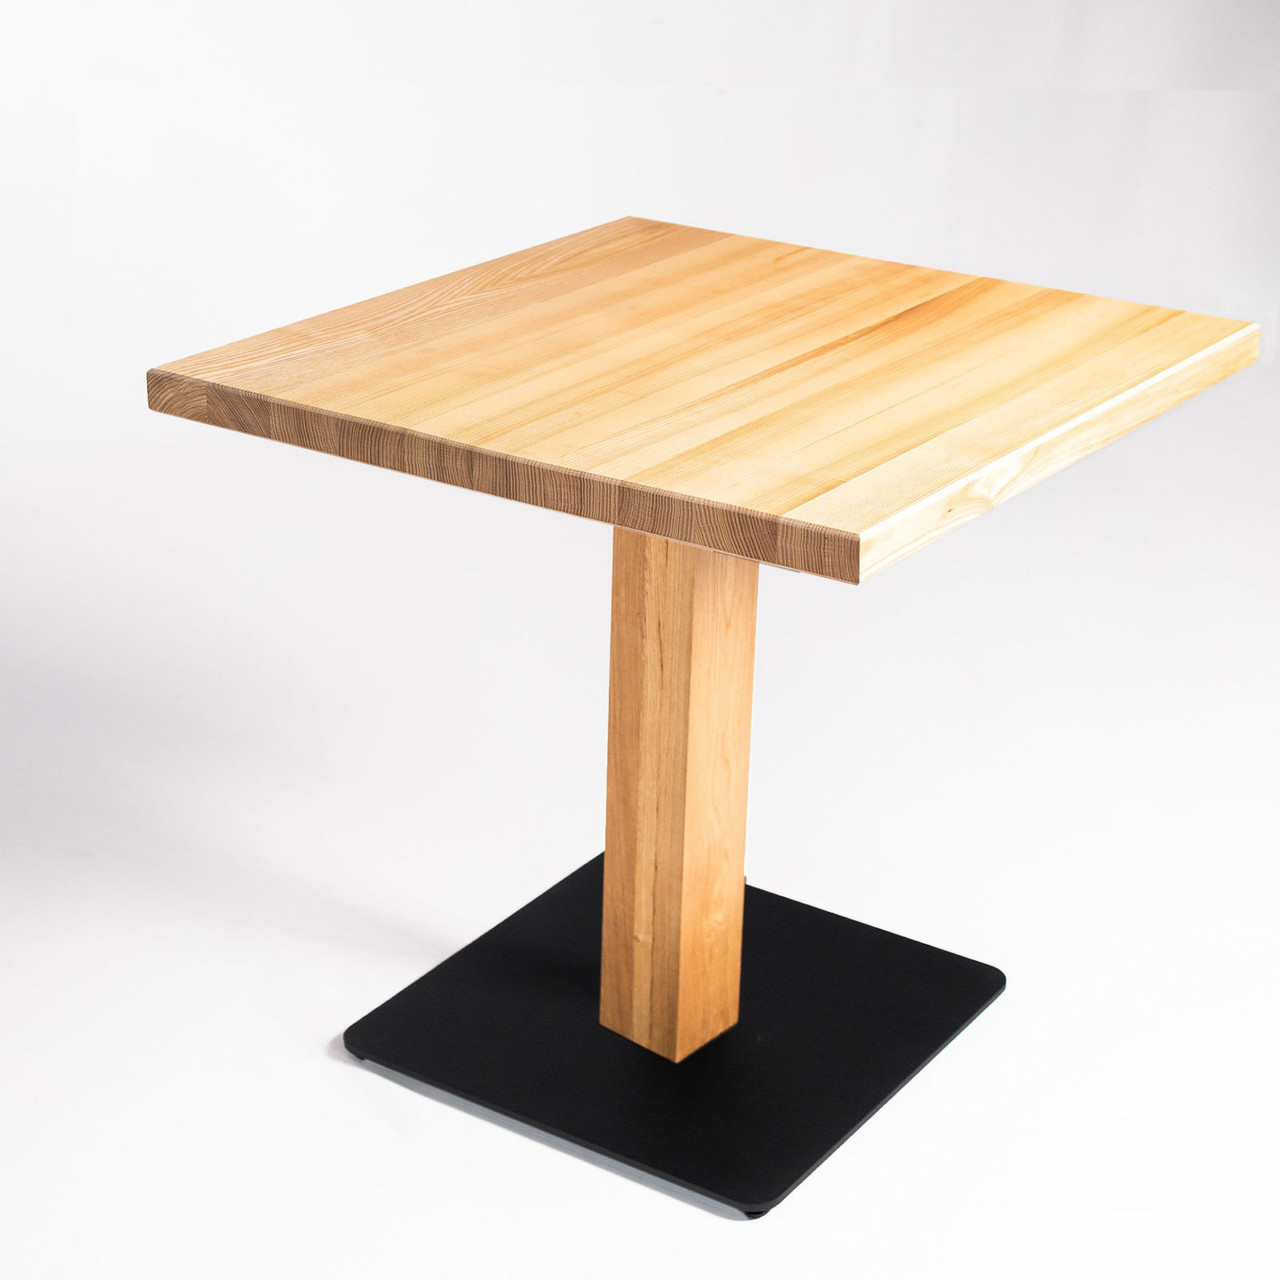 Деревянные столики для кафе HoReCa и ресторанов из массива дерева, опоры из металла